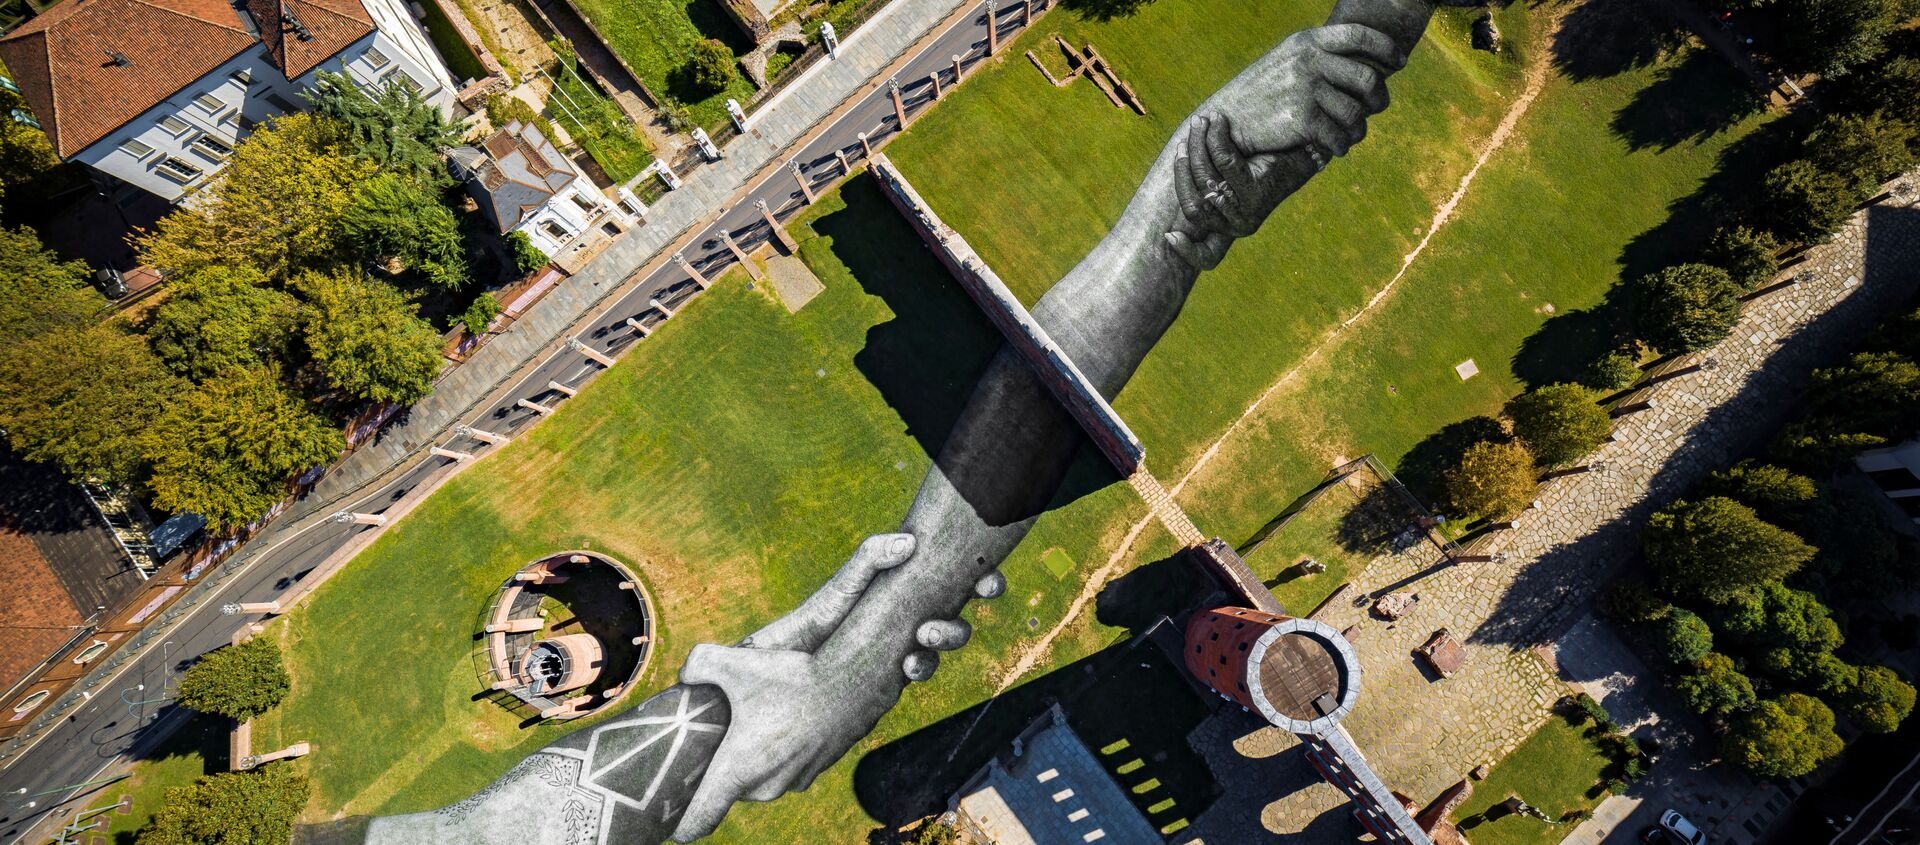 Cadena humana del artista francés Saype, en Turín (Italia) - Sputnik Mundo, 1920, 02.10.2020